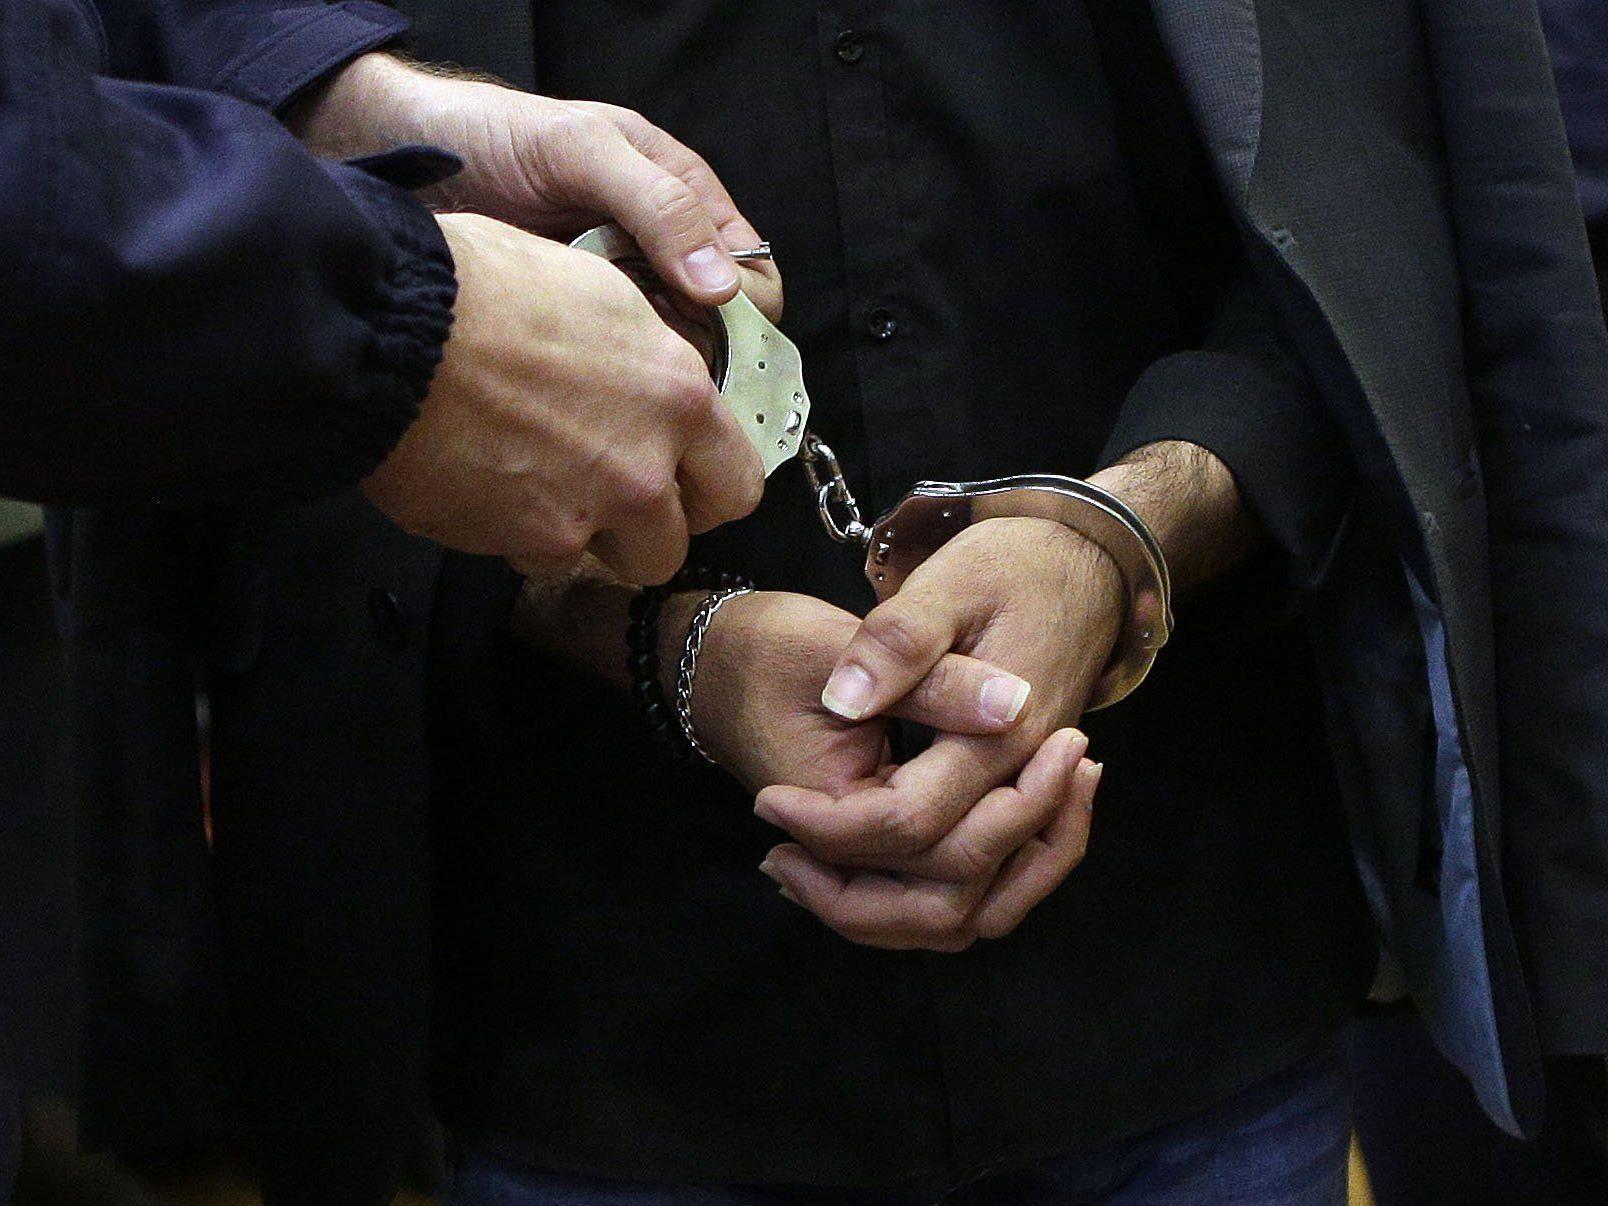 Die Polizei nahm den Verdächtigen an Ort und Stelle fest.